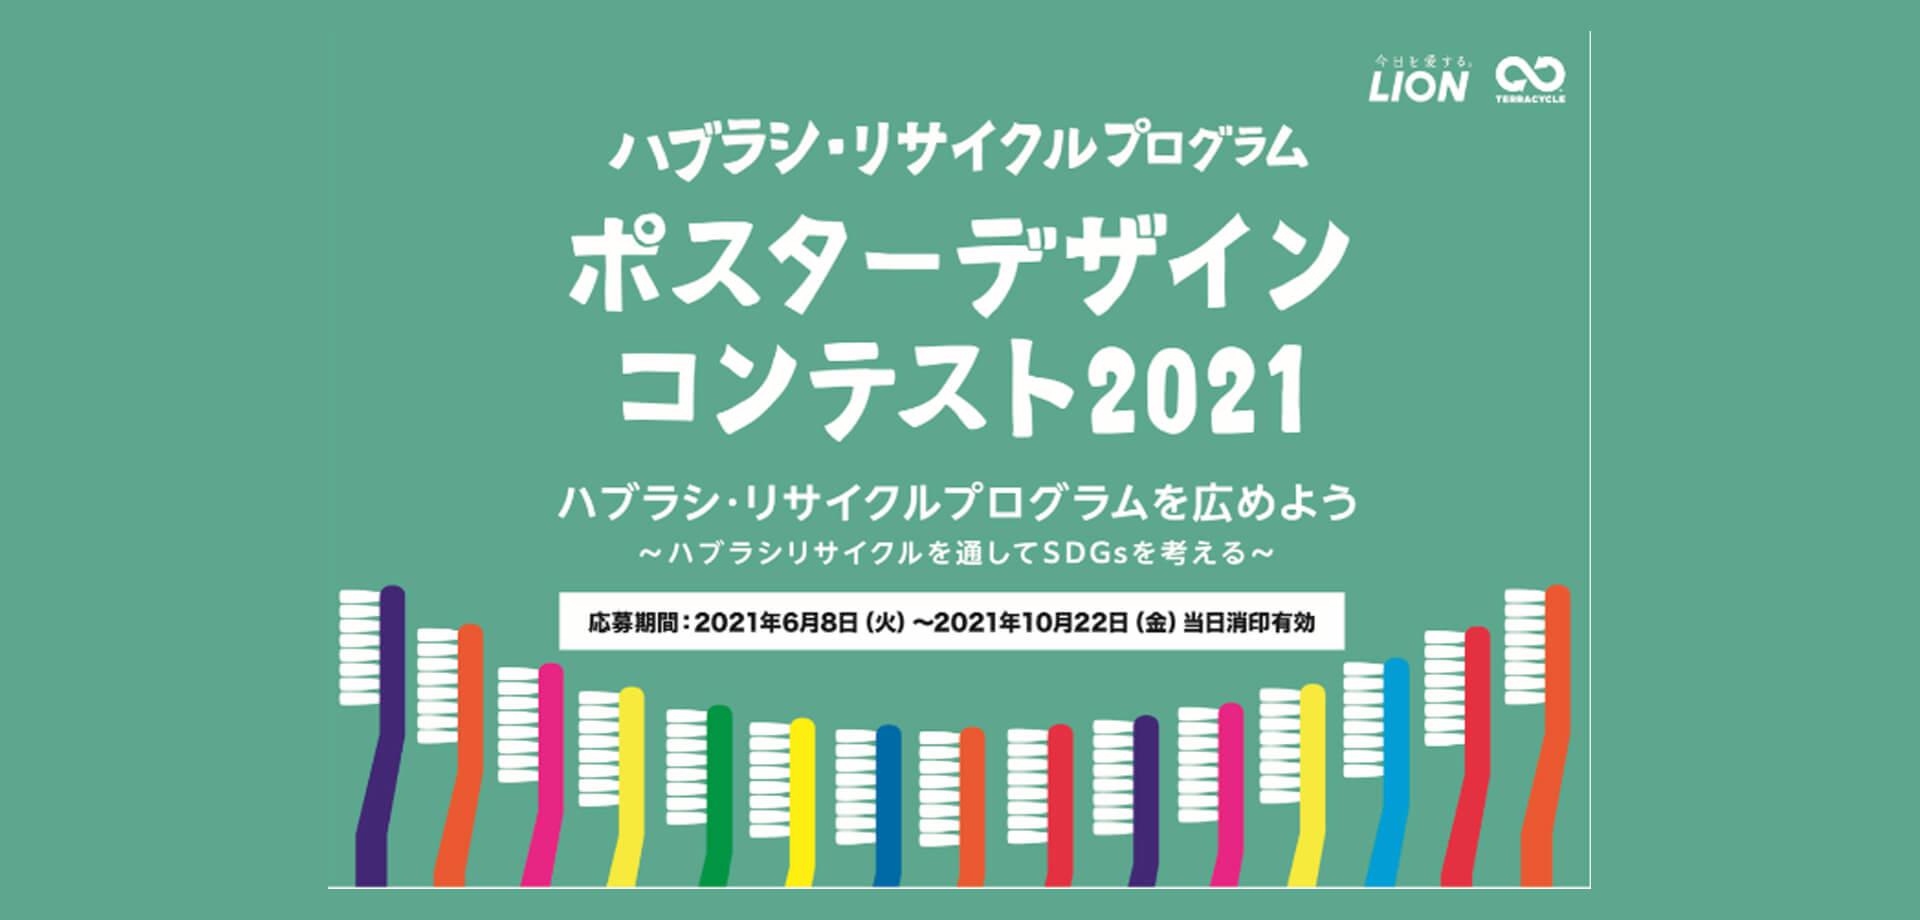 ハブラシ・リサイクルプログラム ポスターデザインコンテスト 2021